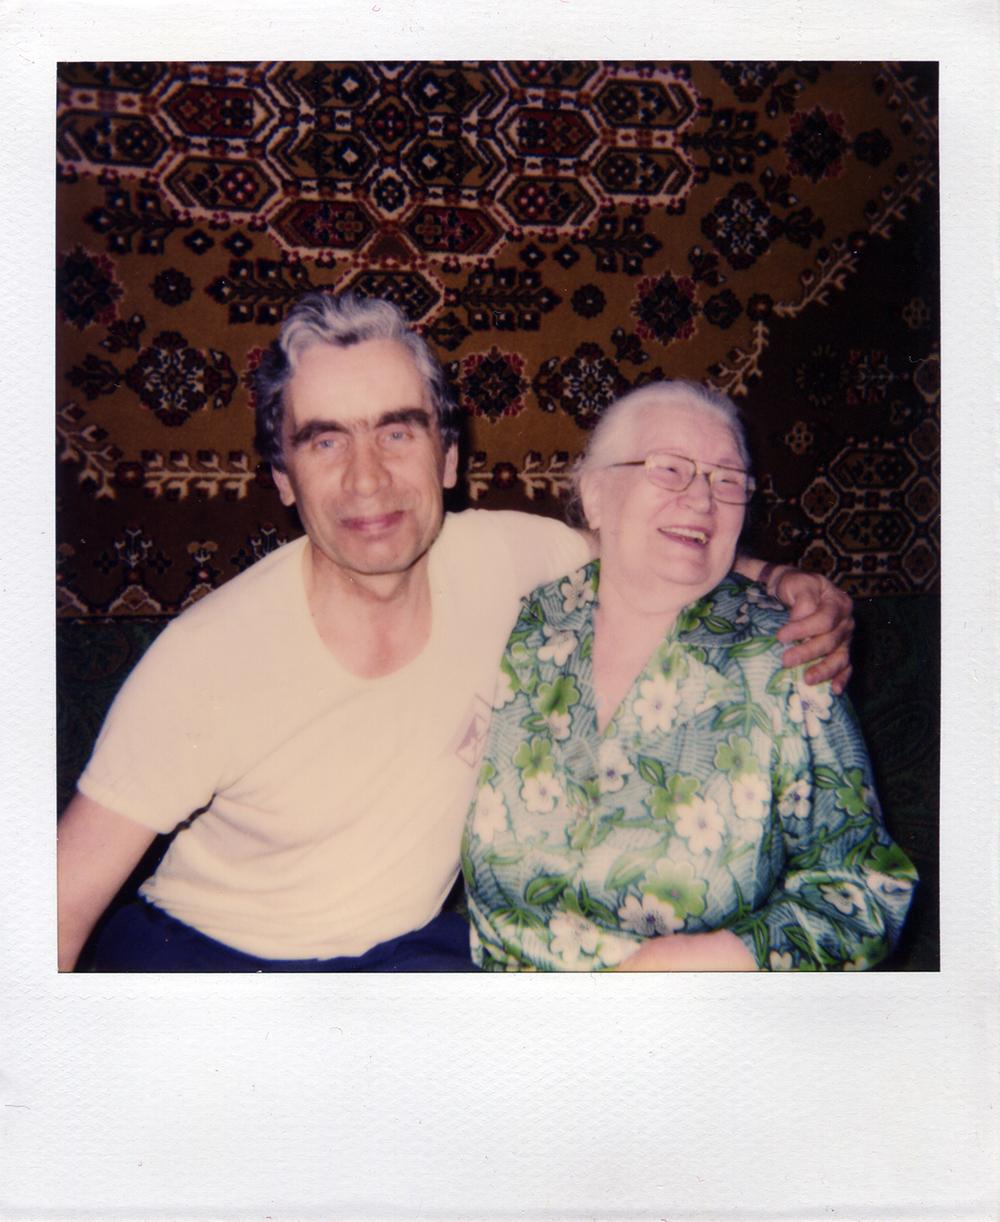 Polaroid_1993_Polina_Shubkina-032 copy.jpg